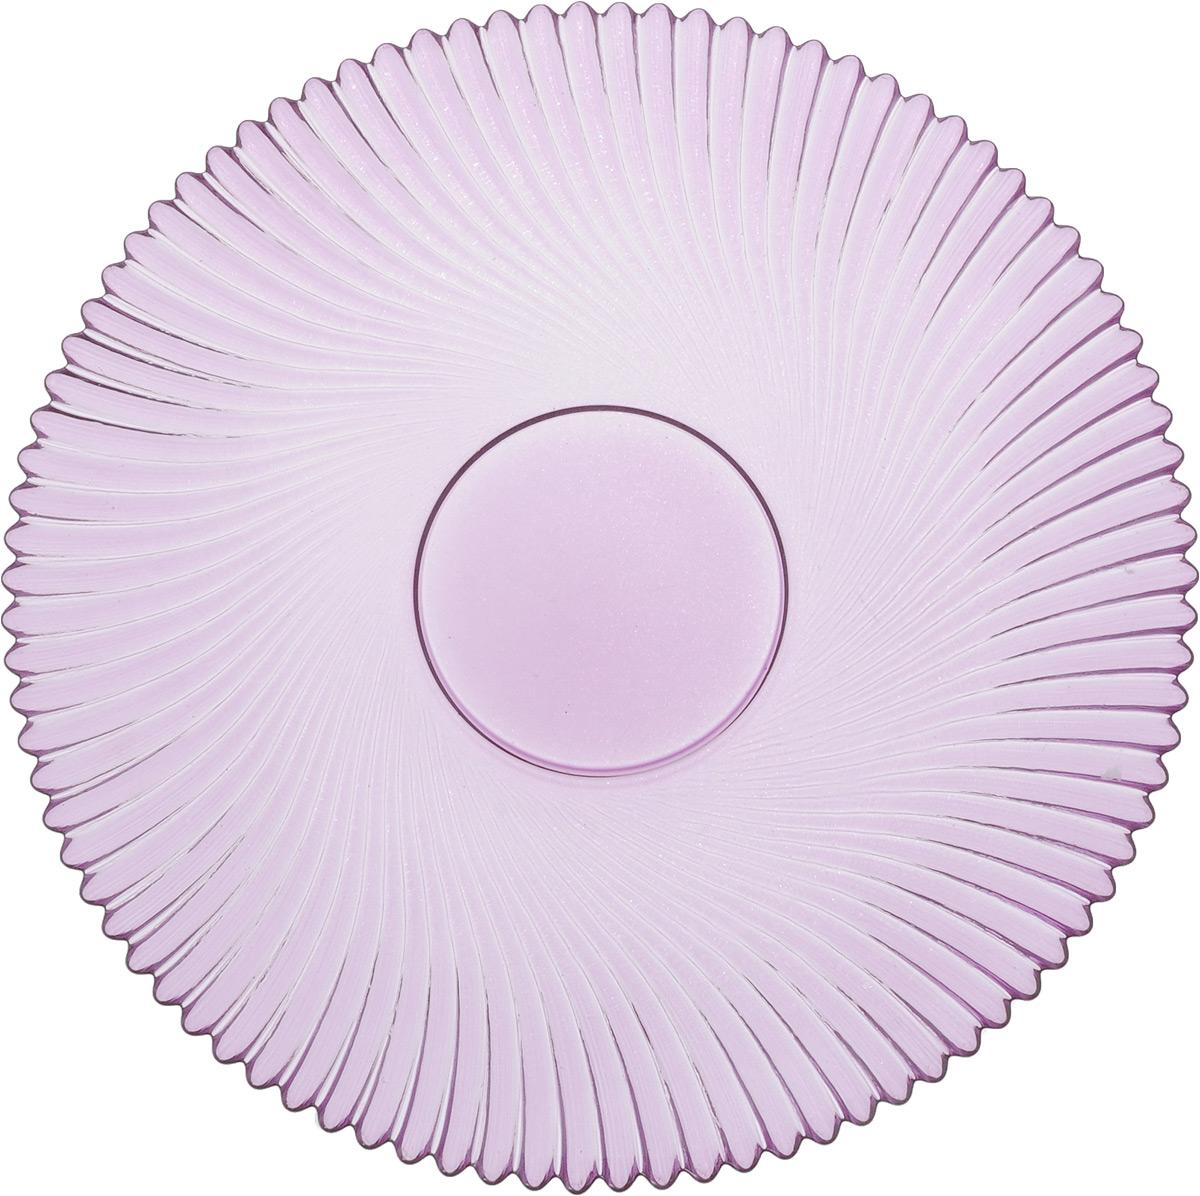 Тарелка NiNaGlass Альтера, цвет: сиреневый, диаметр 21 см83-066-ф210 СИРТарелка NiNaGlass Альтера выполнена из высококачественного стекла и оформлена красивым рельефным узором. Тарелка идеальна для подачи вторых блюд, а также сервировки закусок, нарезок, десертов и многого другого. Она отлично подойдет как для повседневных, так и для торжественных случаев. Такая тарелка прекрасно впишется в интерьер вашей кухни и станет достойным дополнением к кухонному инвентарю.